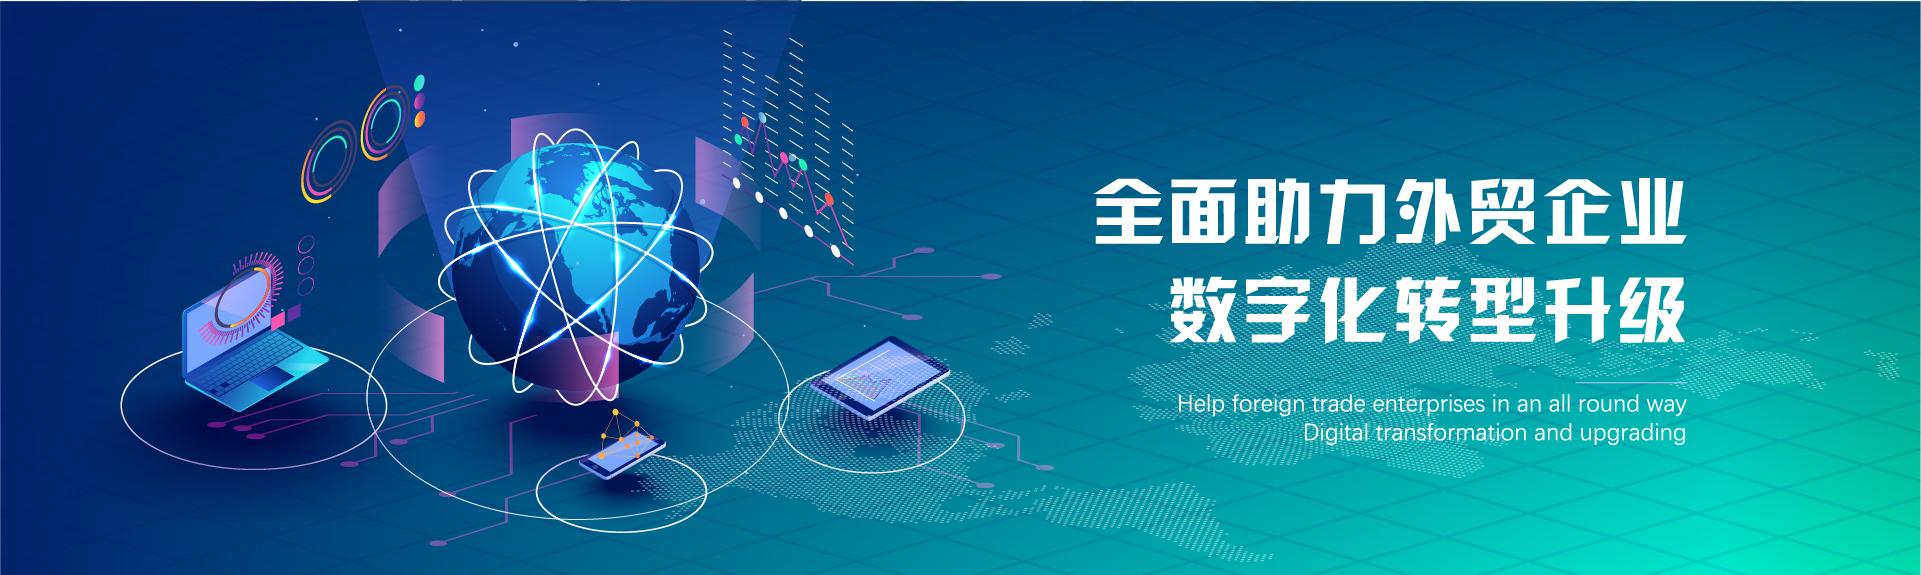 浙大恩特平台向企业客户提供外贸管理系统